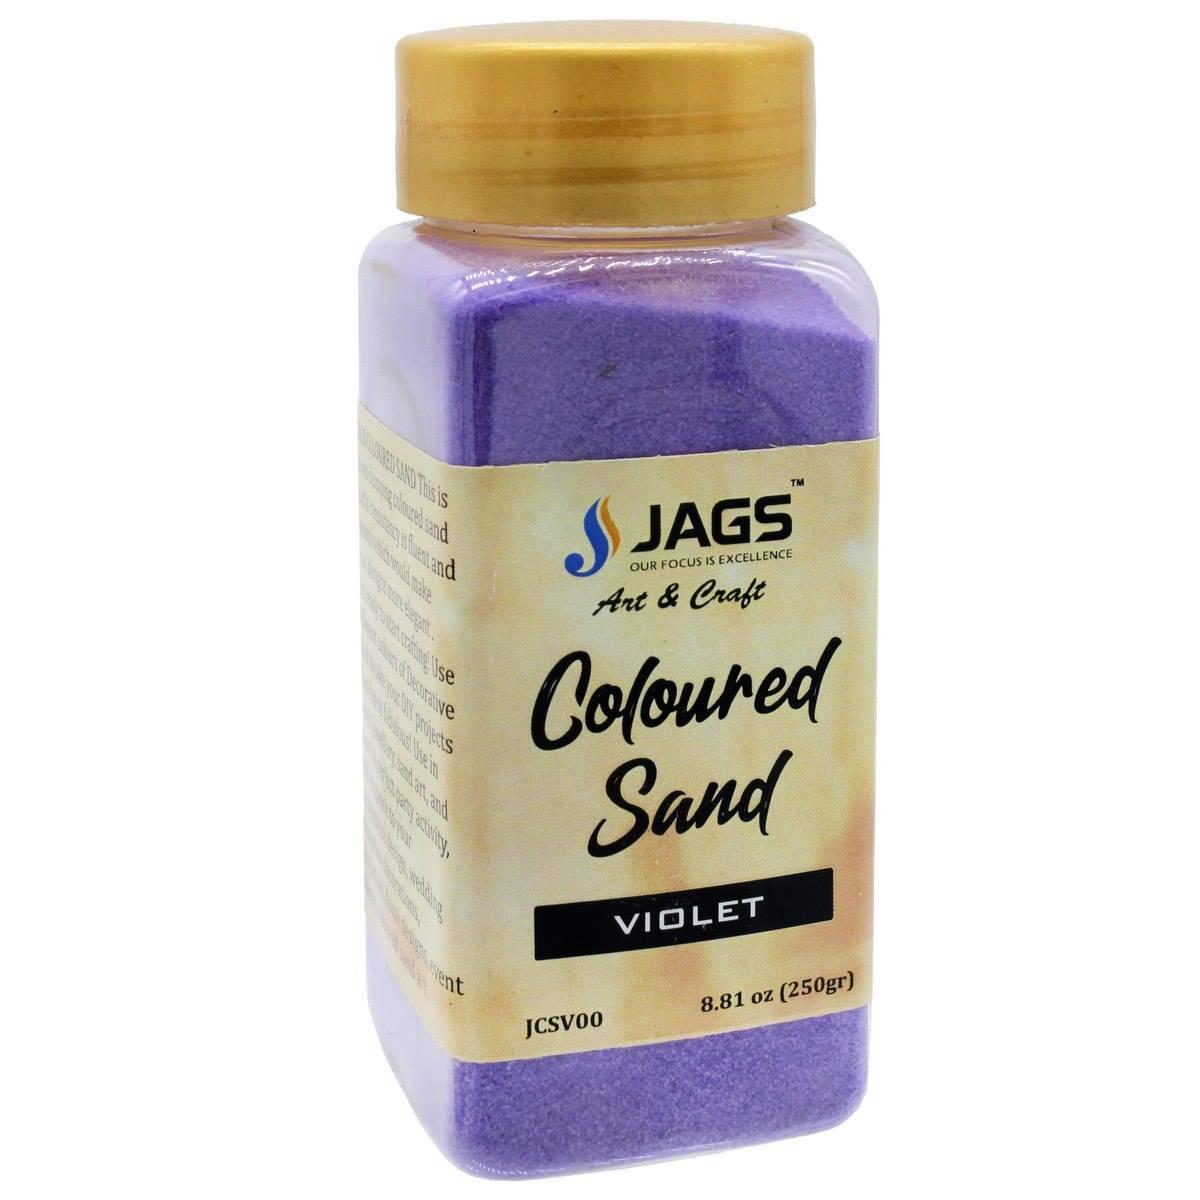 Coloured Sand Violet